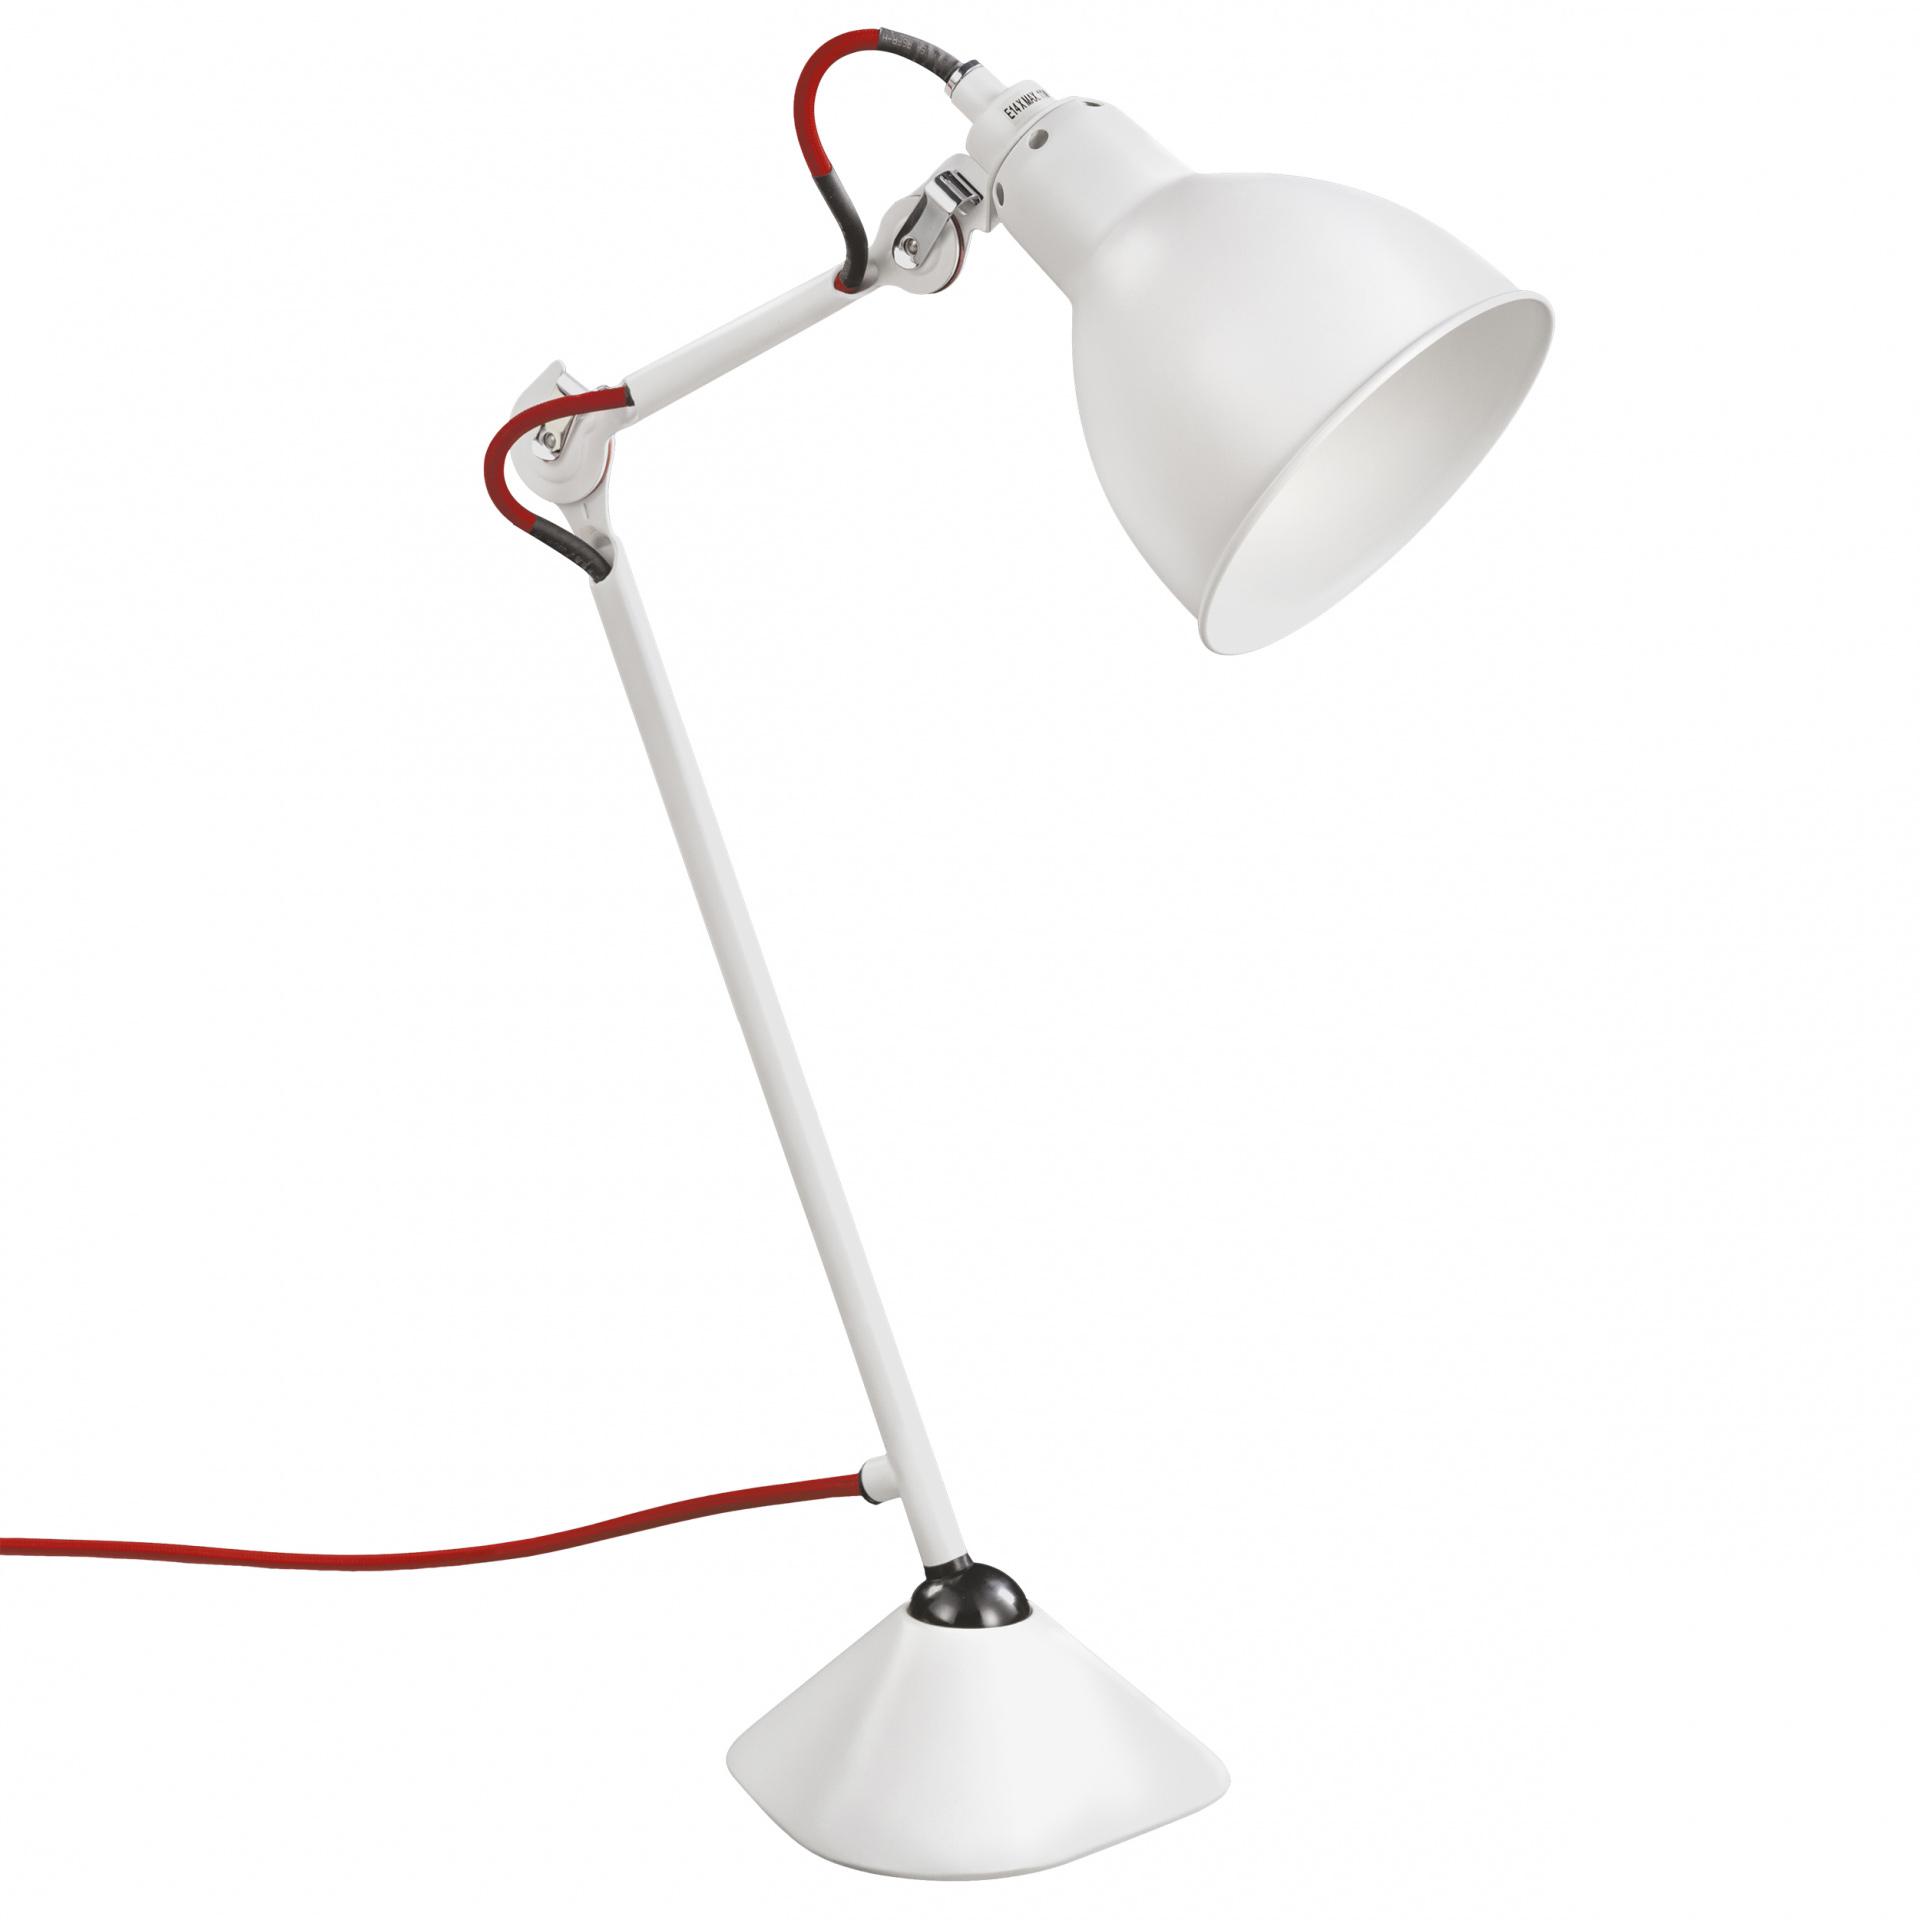 Настольная лампа Loft 1х40W E14 белый Lightstar 765916, купить в СПб, Москве, с доставкой, Санкт-Петербург, интернет-магазин люстр и светильников Starlight, фото в жизни